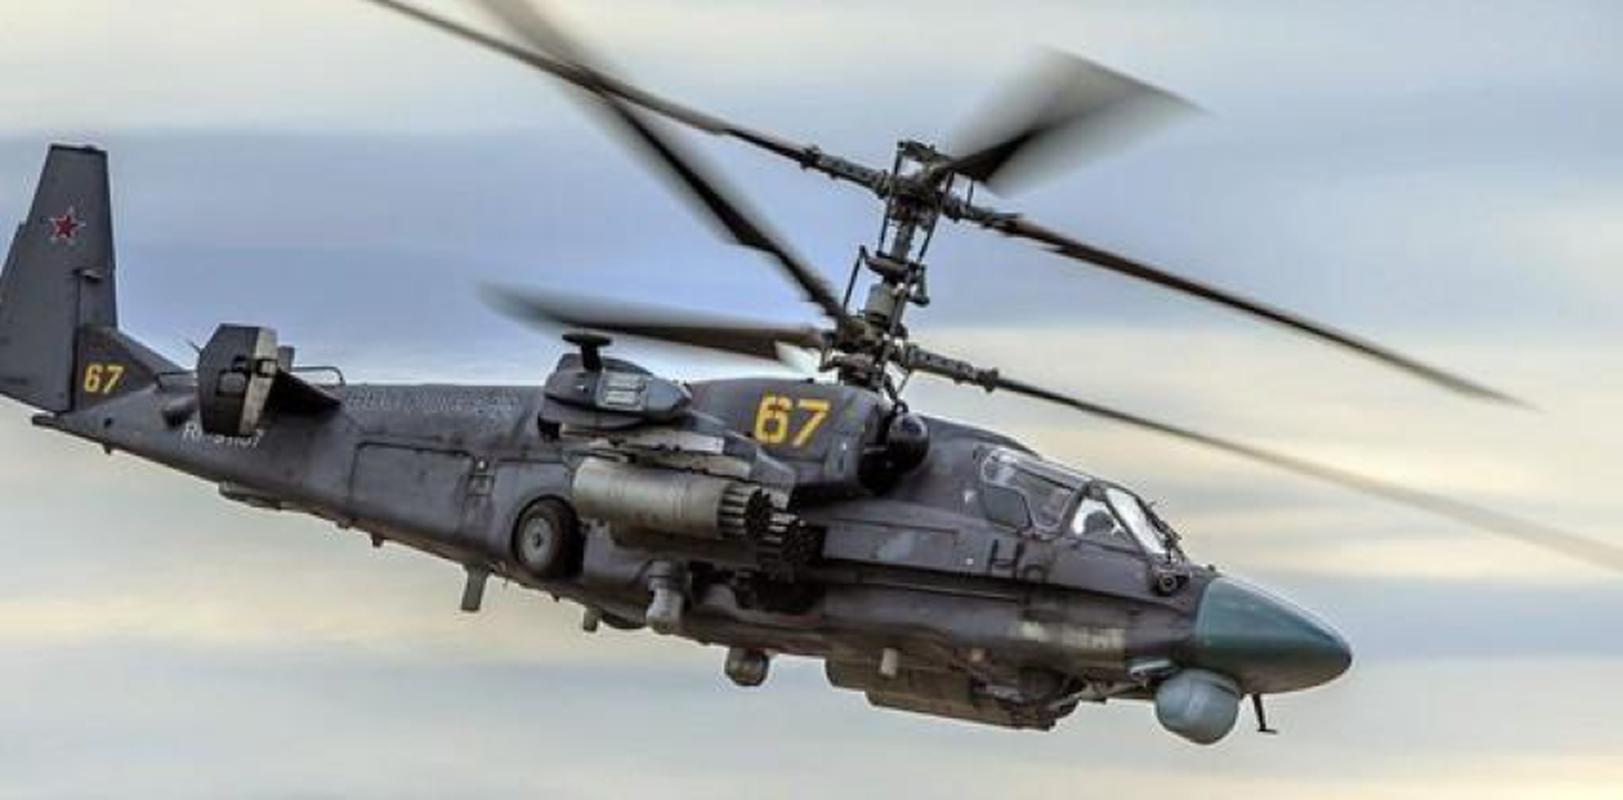 Truc thang Ka-52M gay soc khi co gia cao hon ca tiem kich Su-30SM-Hinh-14